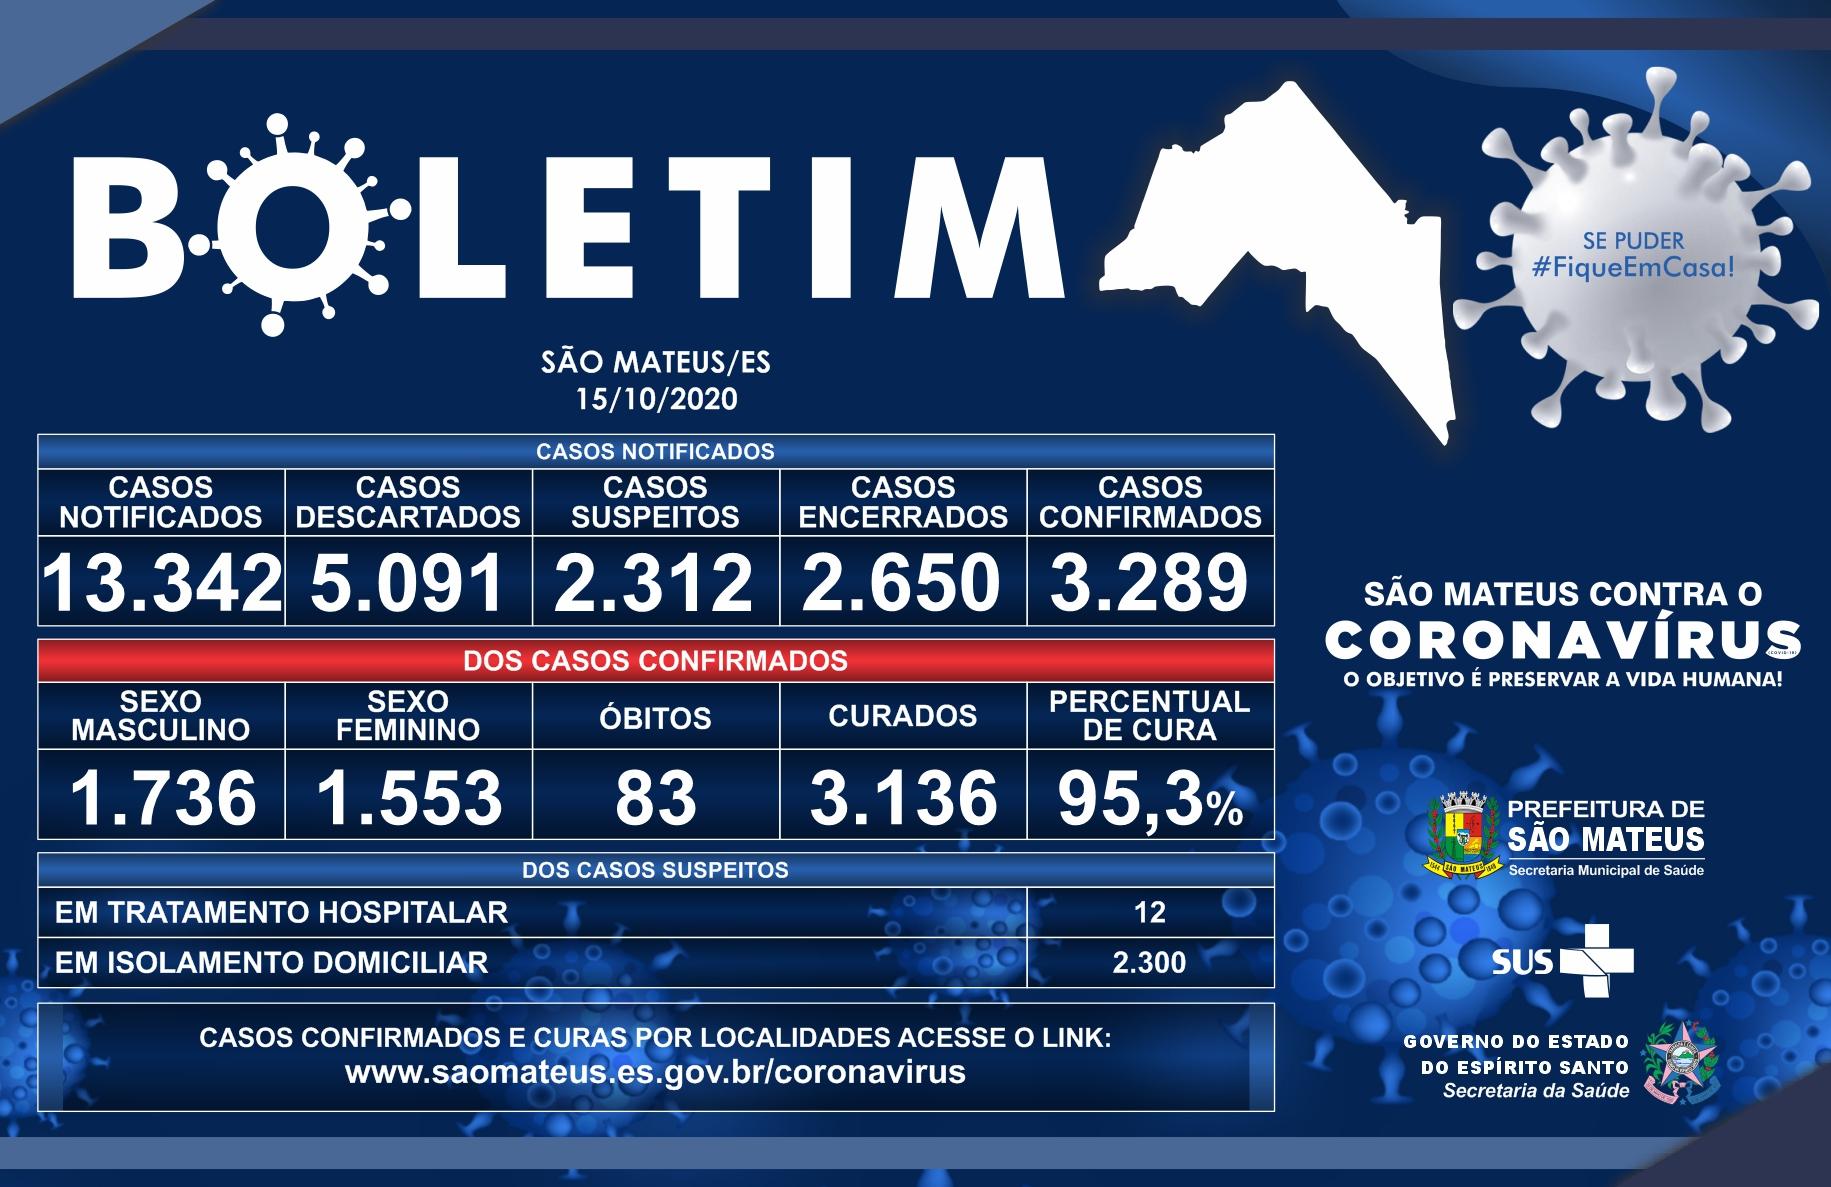 CORONAVÍRUS: SÃO MATEUS APRESENTA PERCENTUAL DE 95,3 POR CENTO EM CURAS